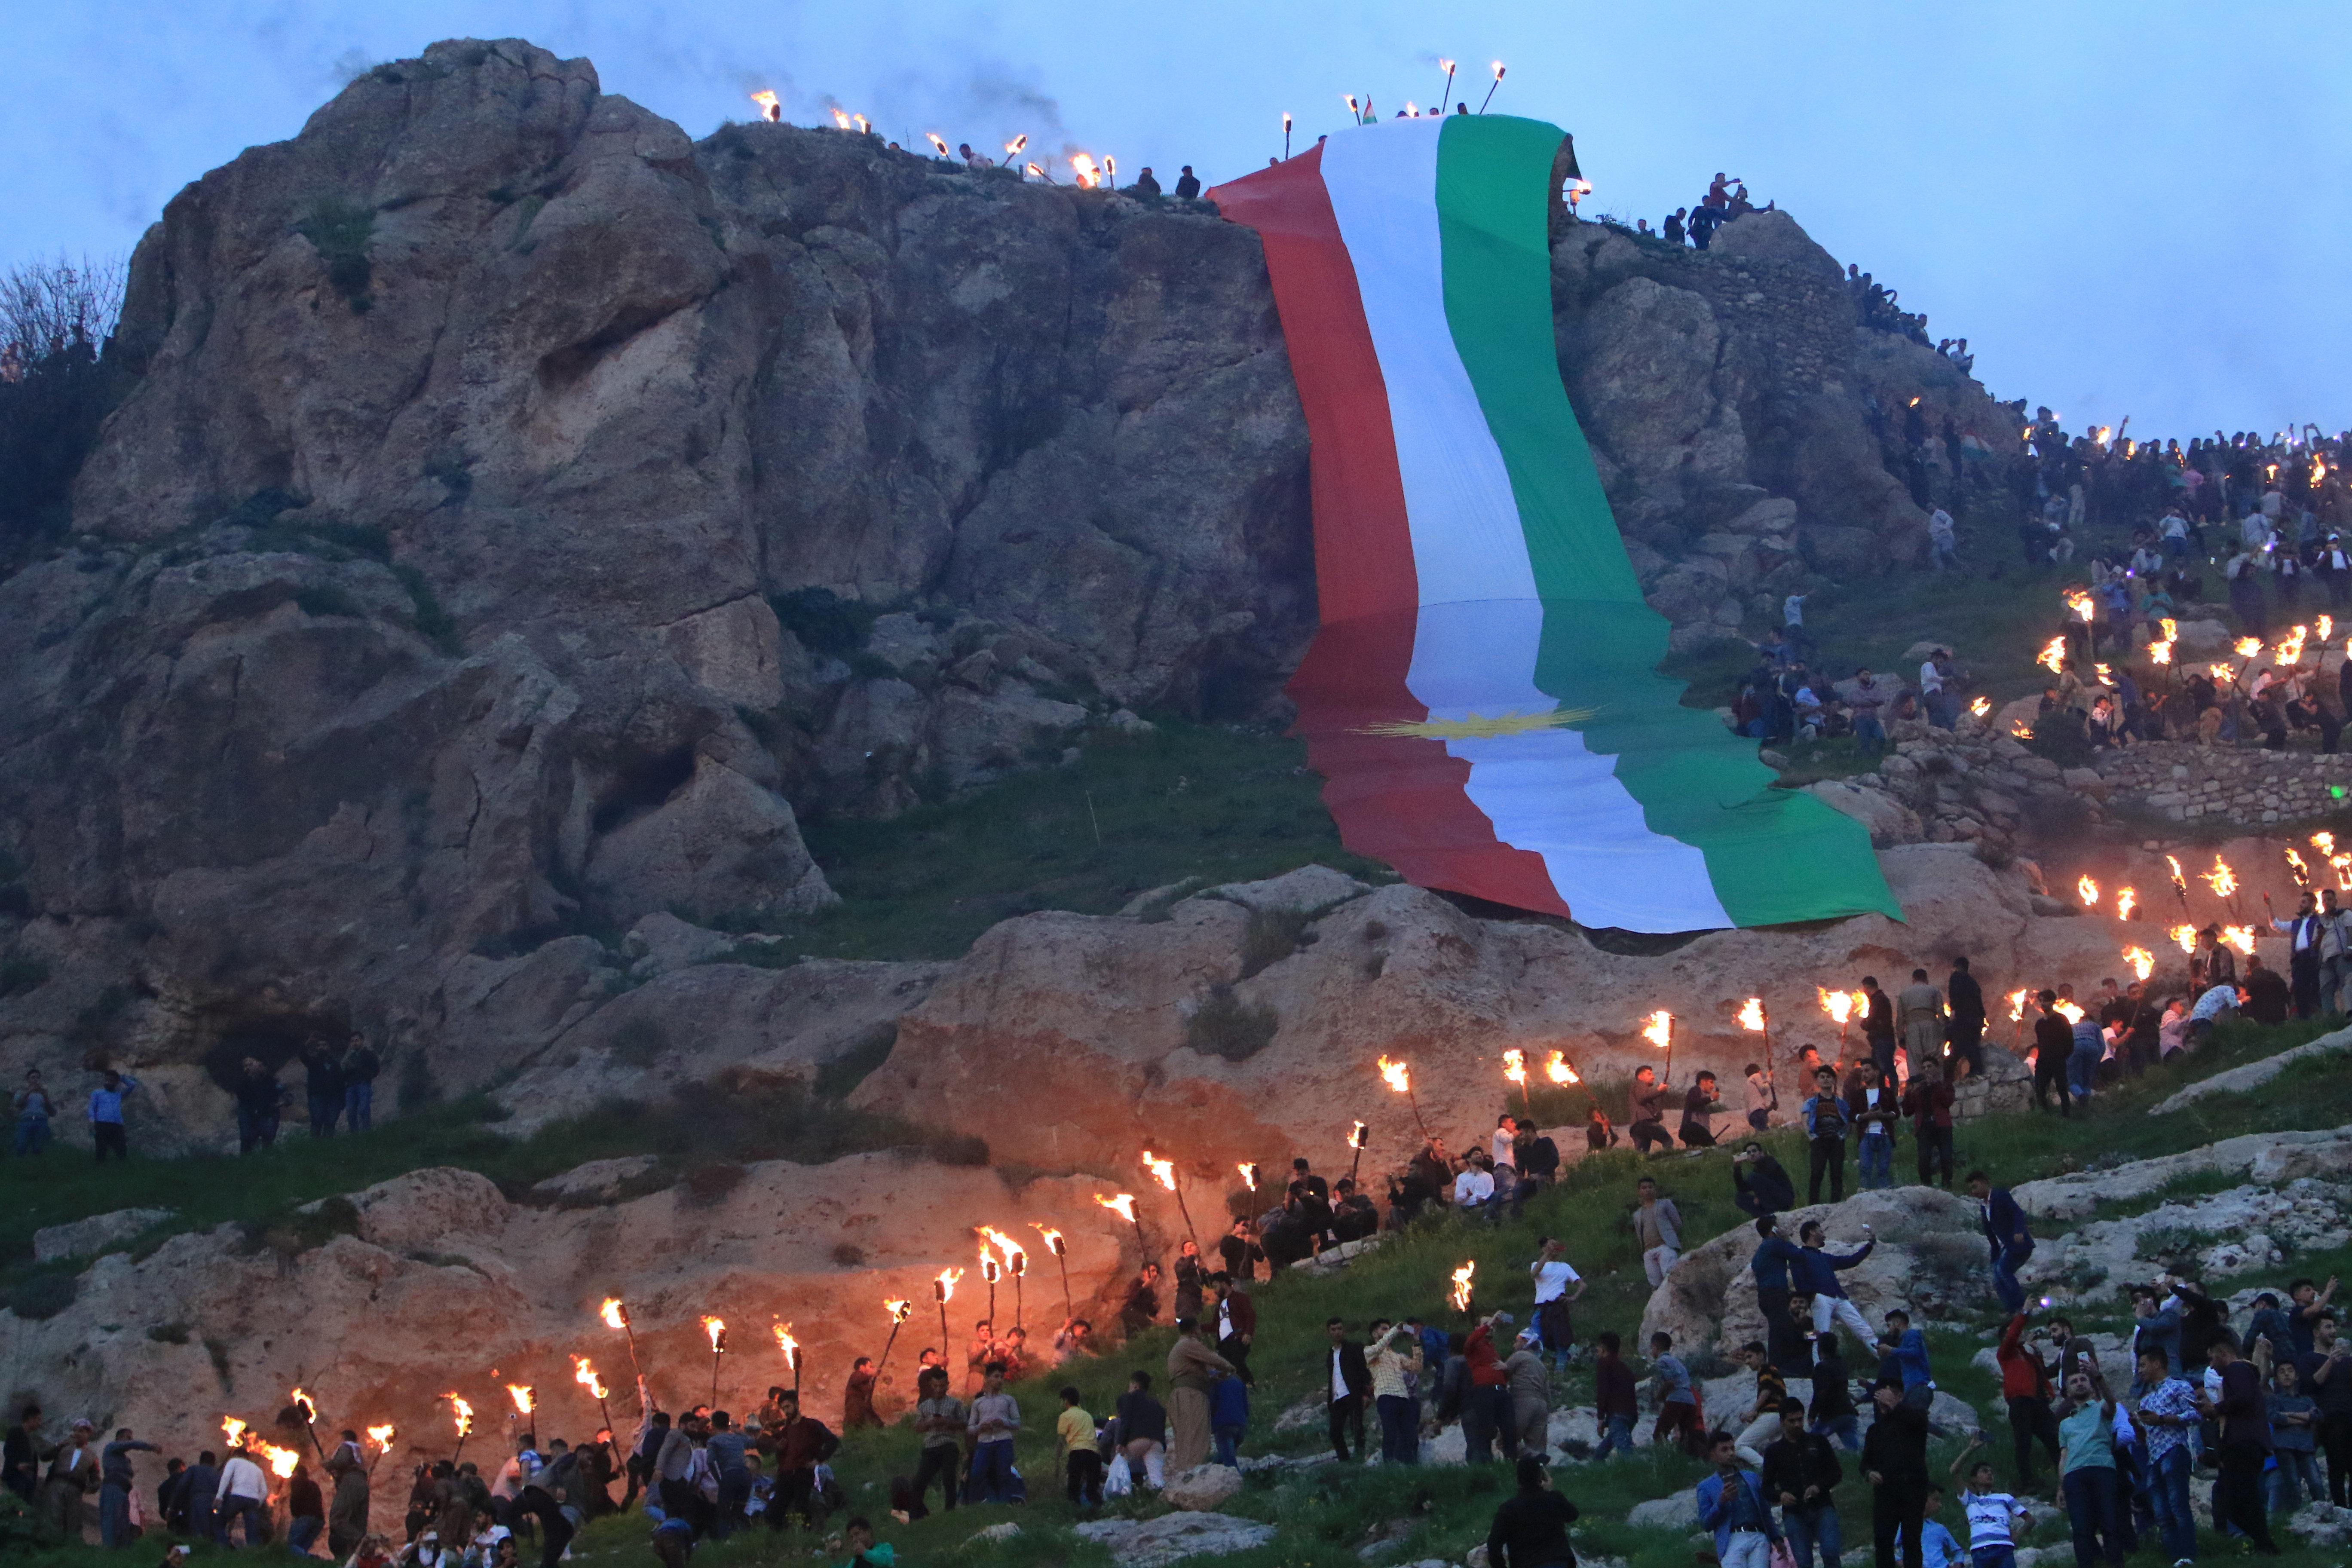 Εκλογές στο ημιαυτόνομο ιρακινό Κουρδιστάν στις 30